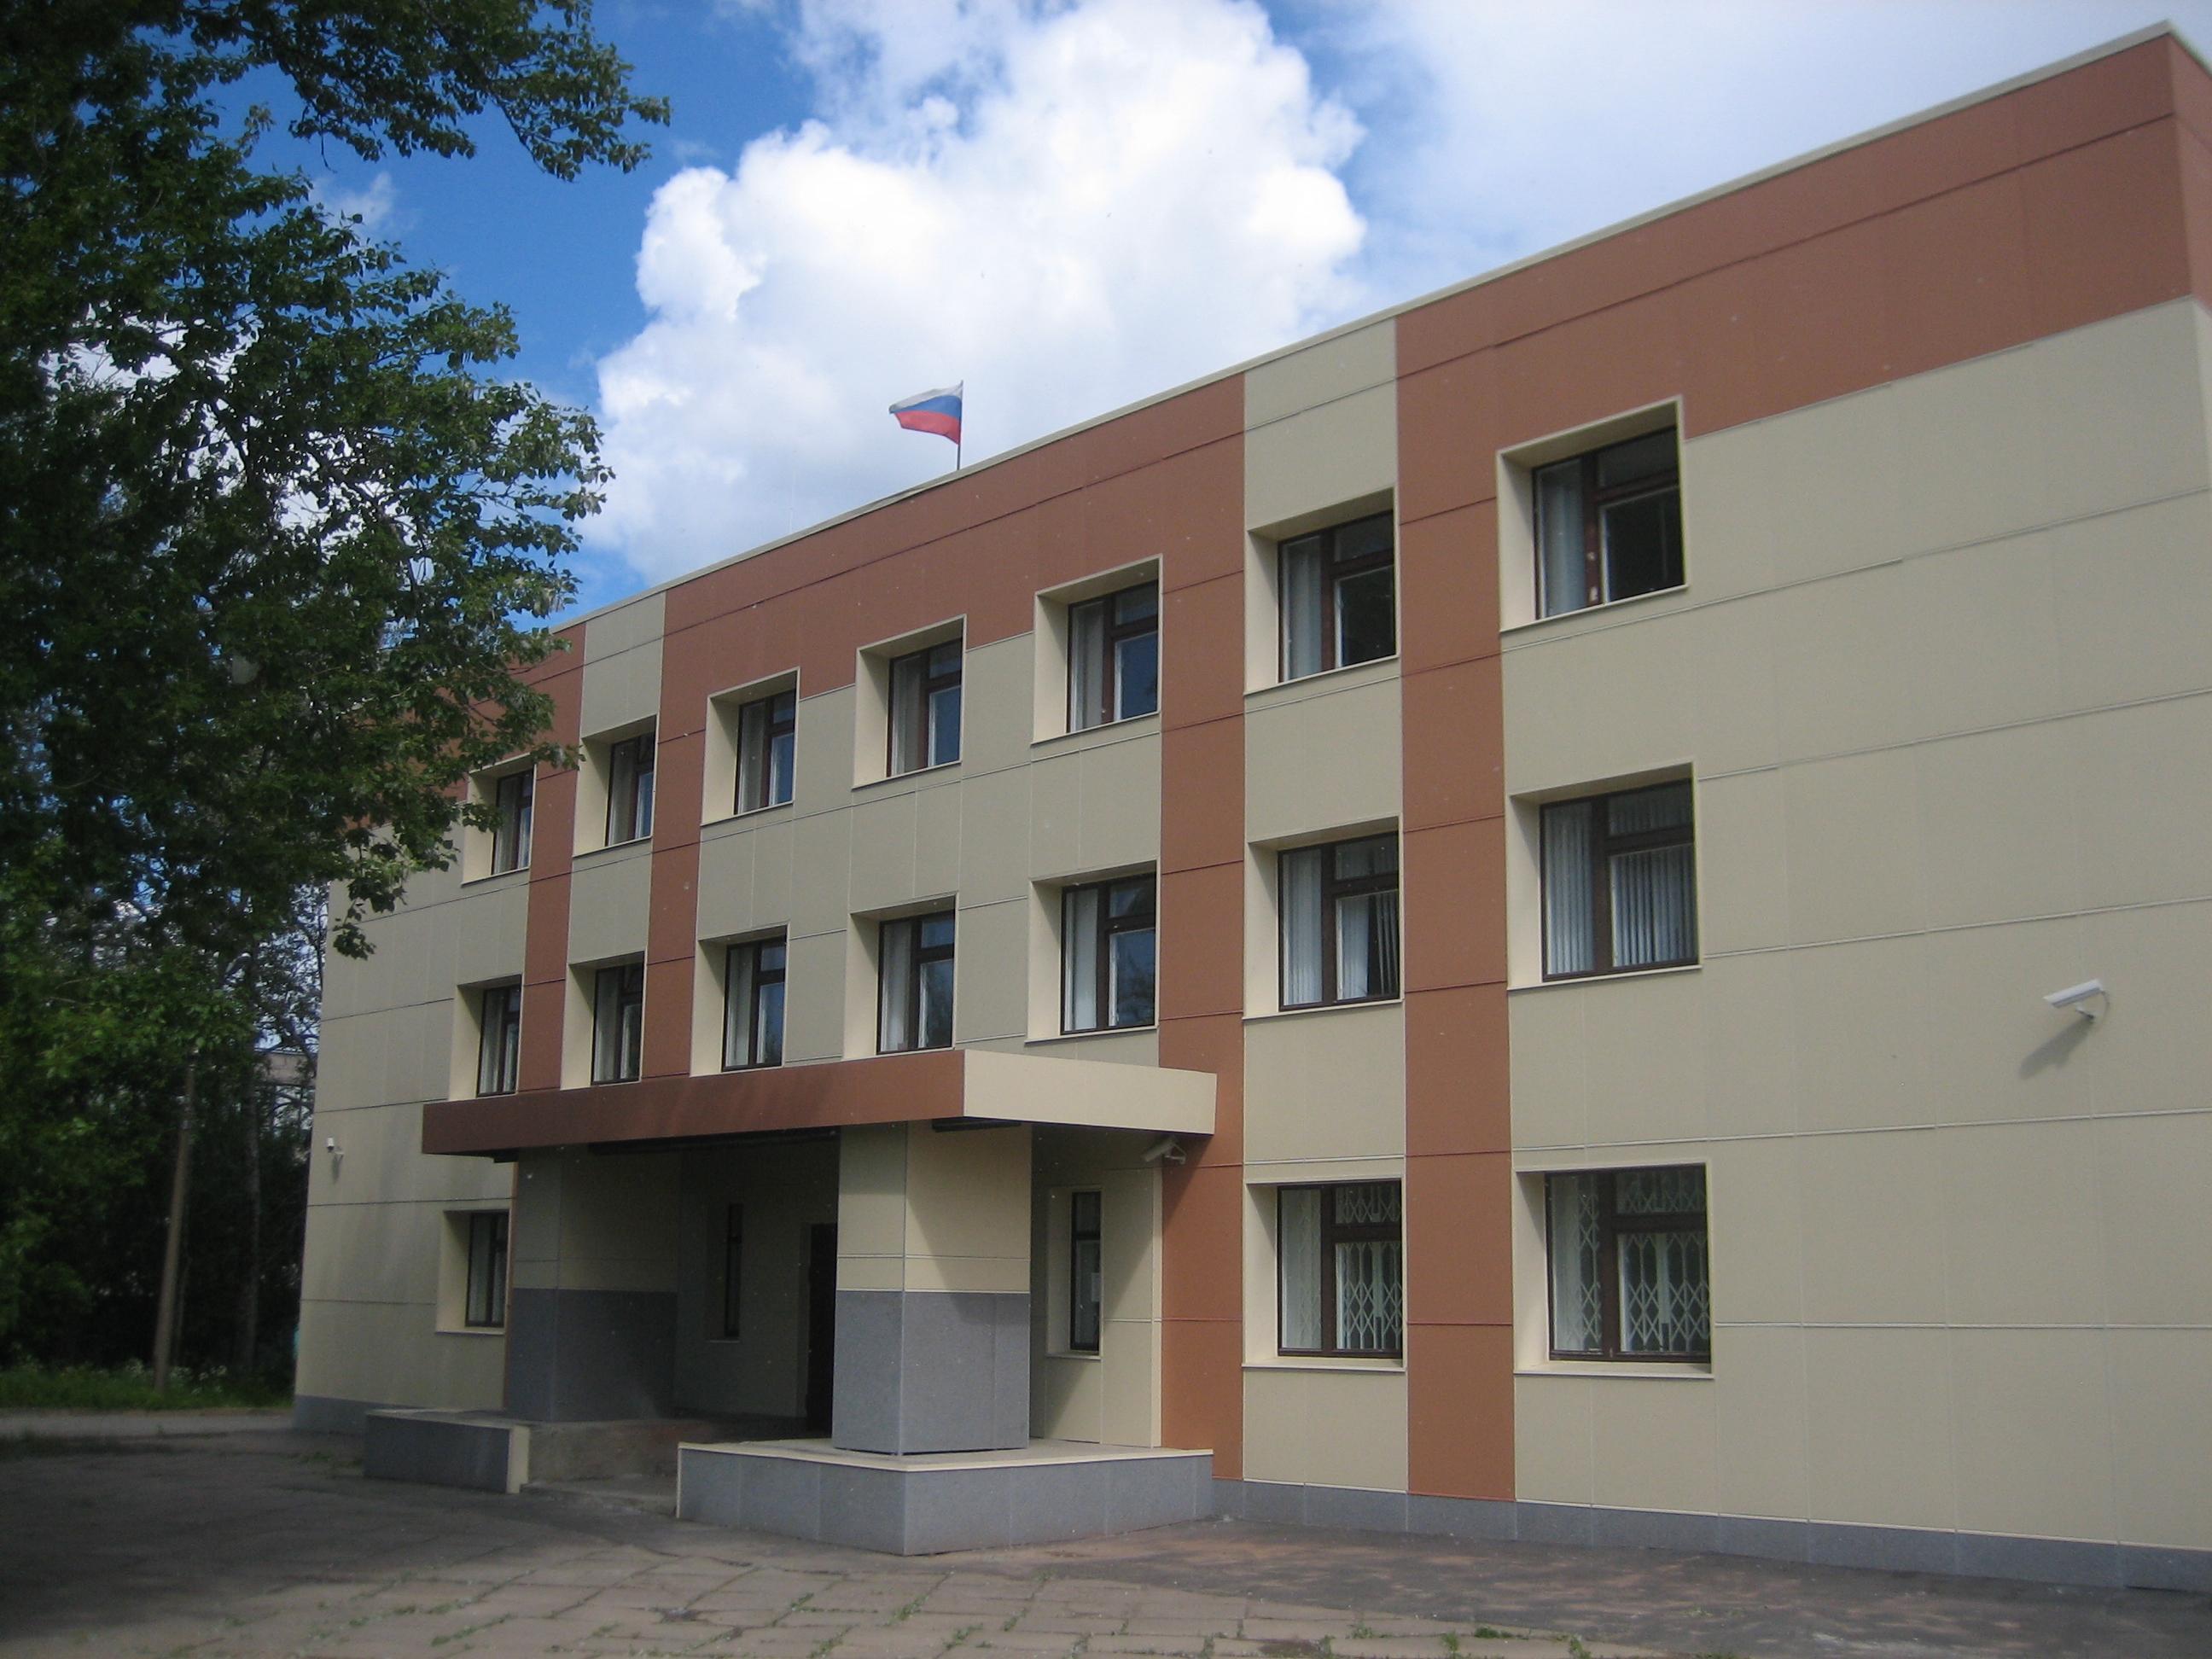 Подпорожский городской суд: телефон, реквизиты госпошлины, как проехать